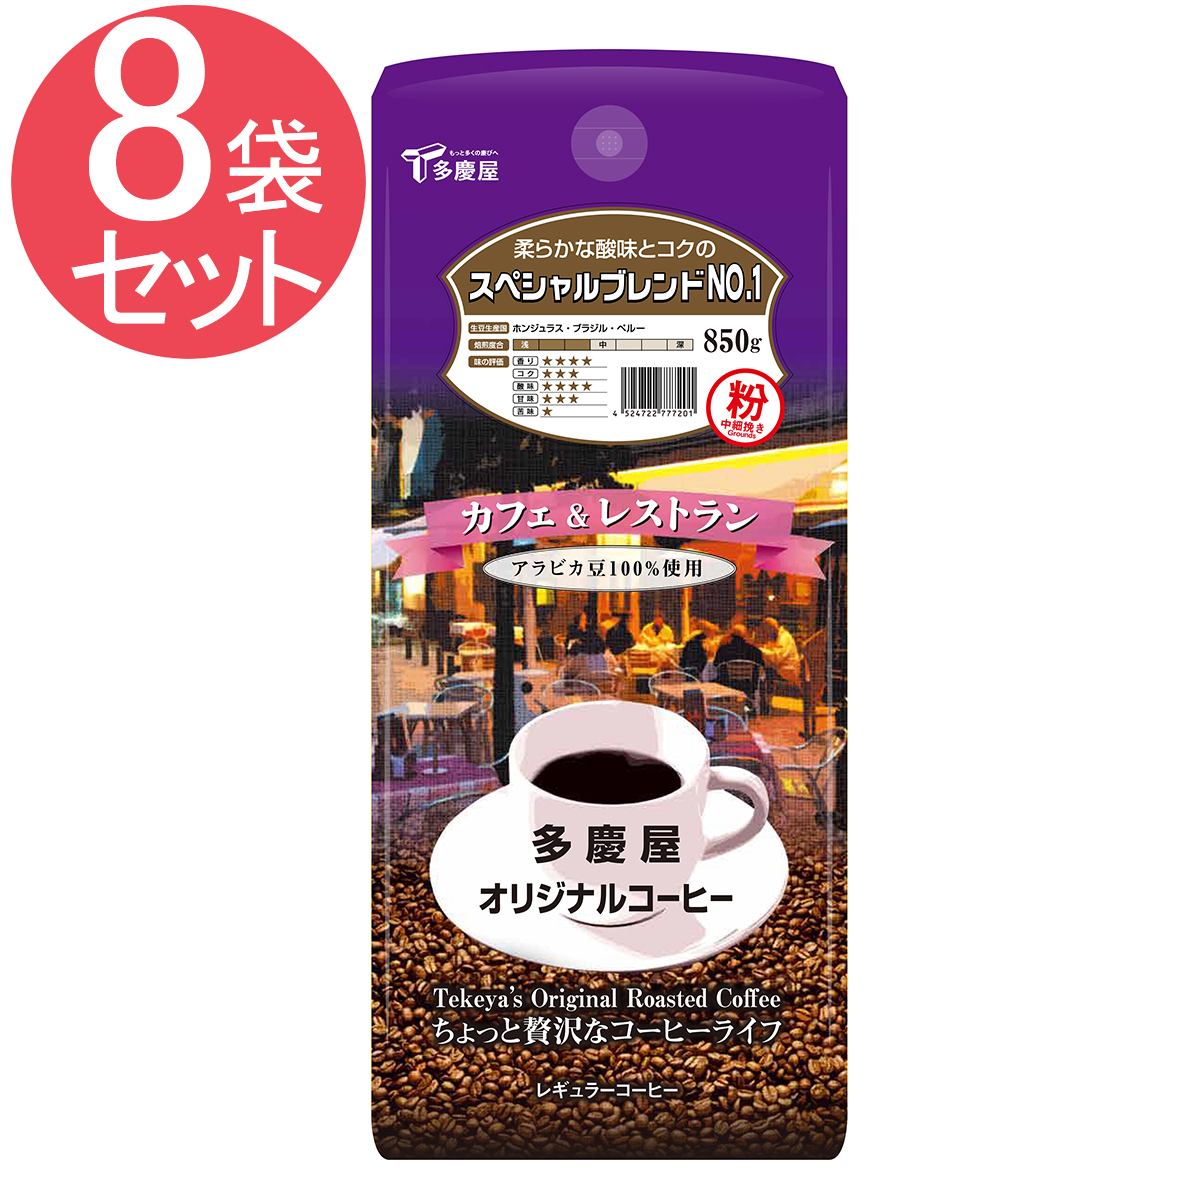 スペシャルブレンドNO1 粉 850g×8袋セット 多慶屋オリジナルコーヒー 【カフェ&レストラン】 コーヒー粉 レギュラーコーヒー 珈琲